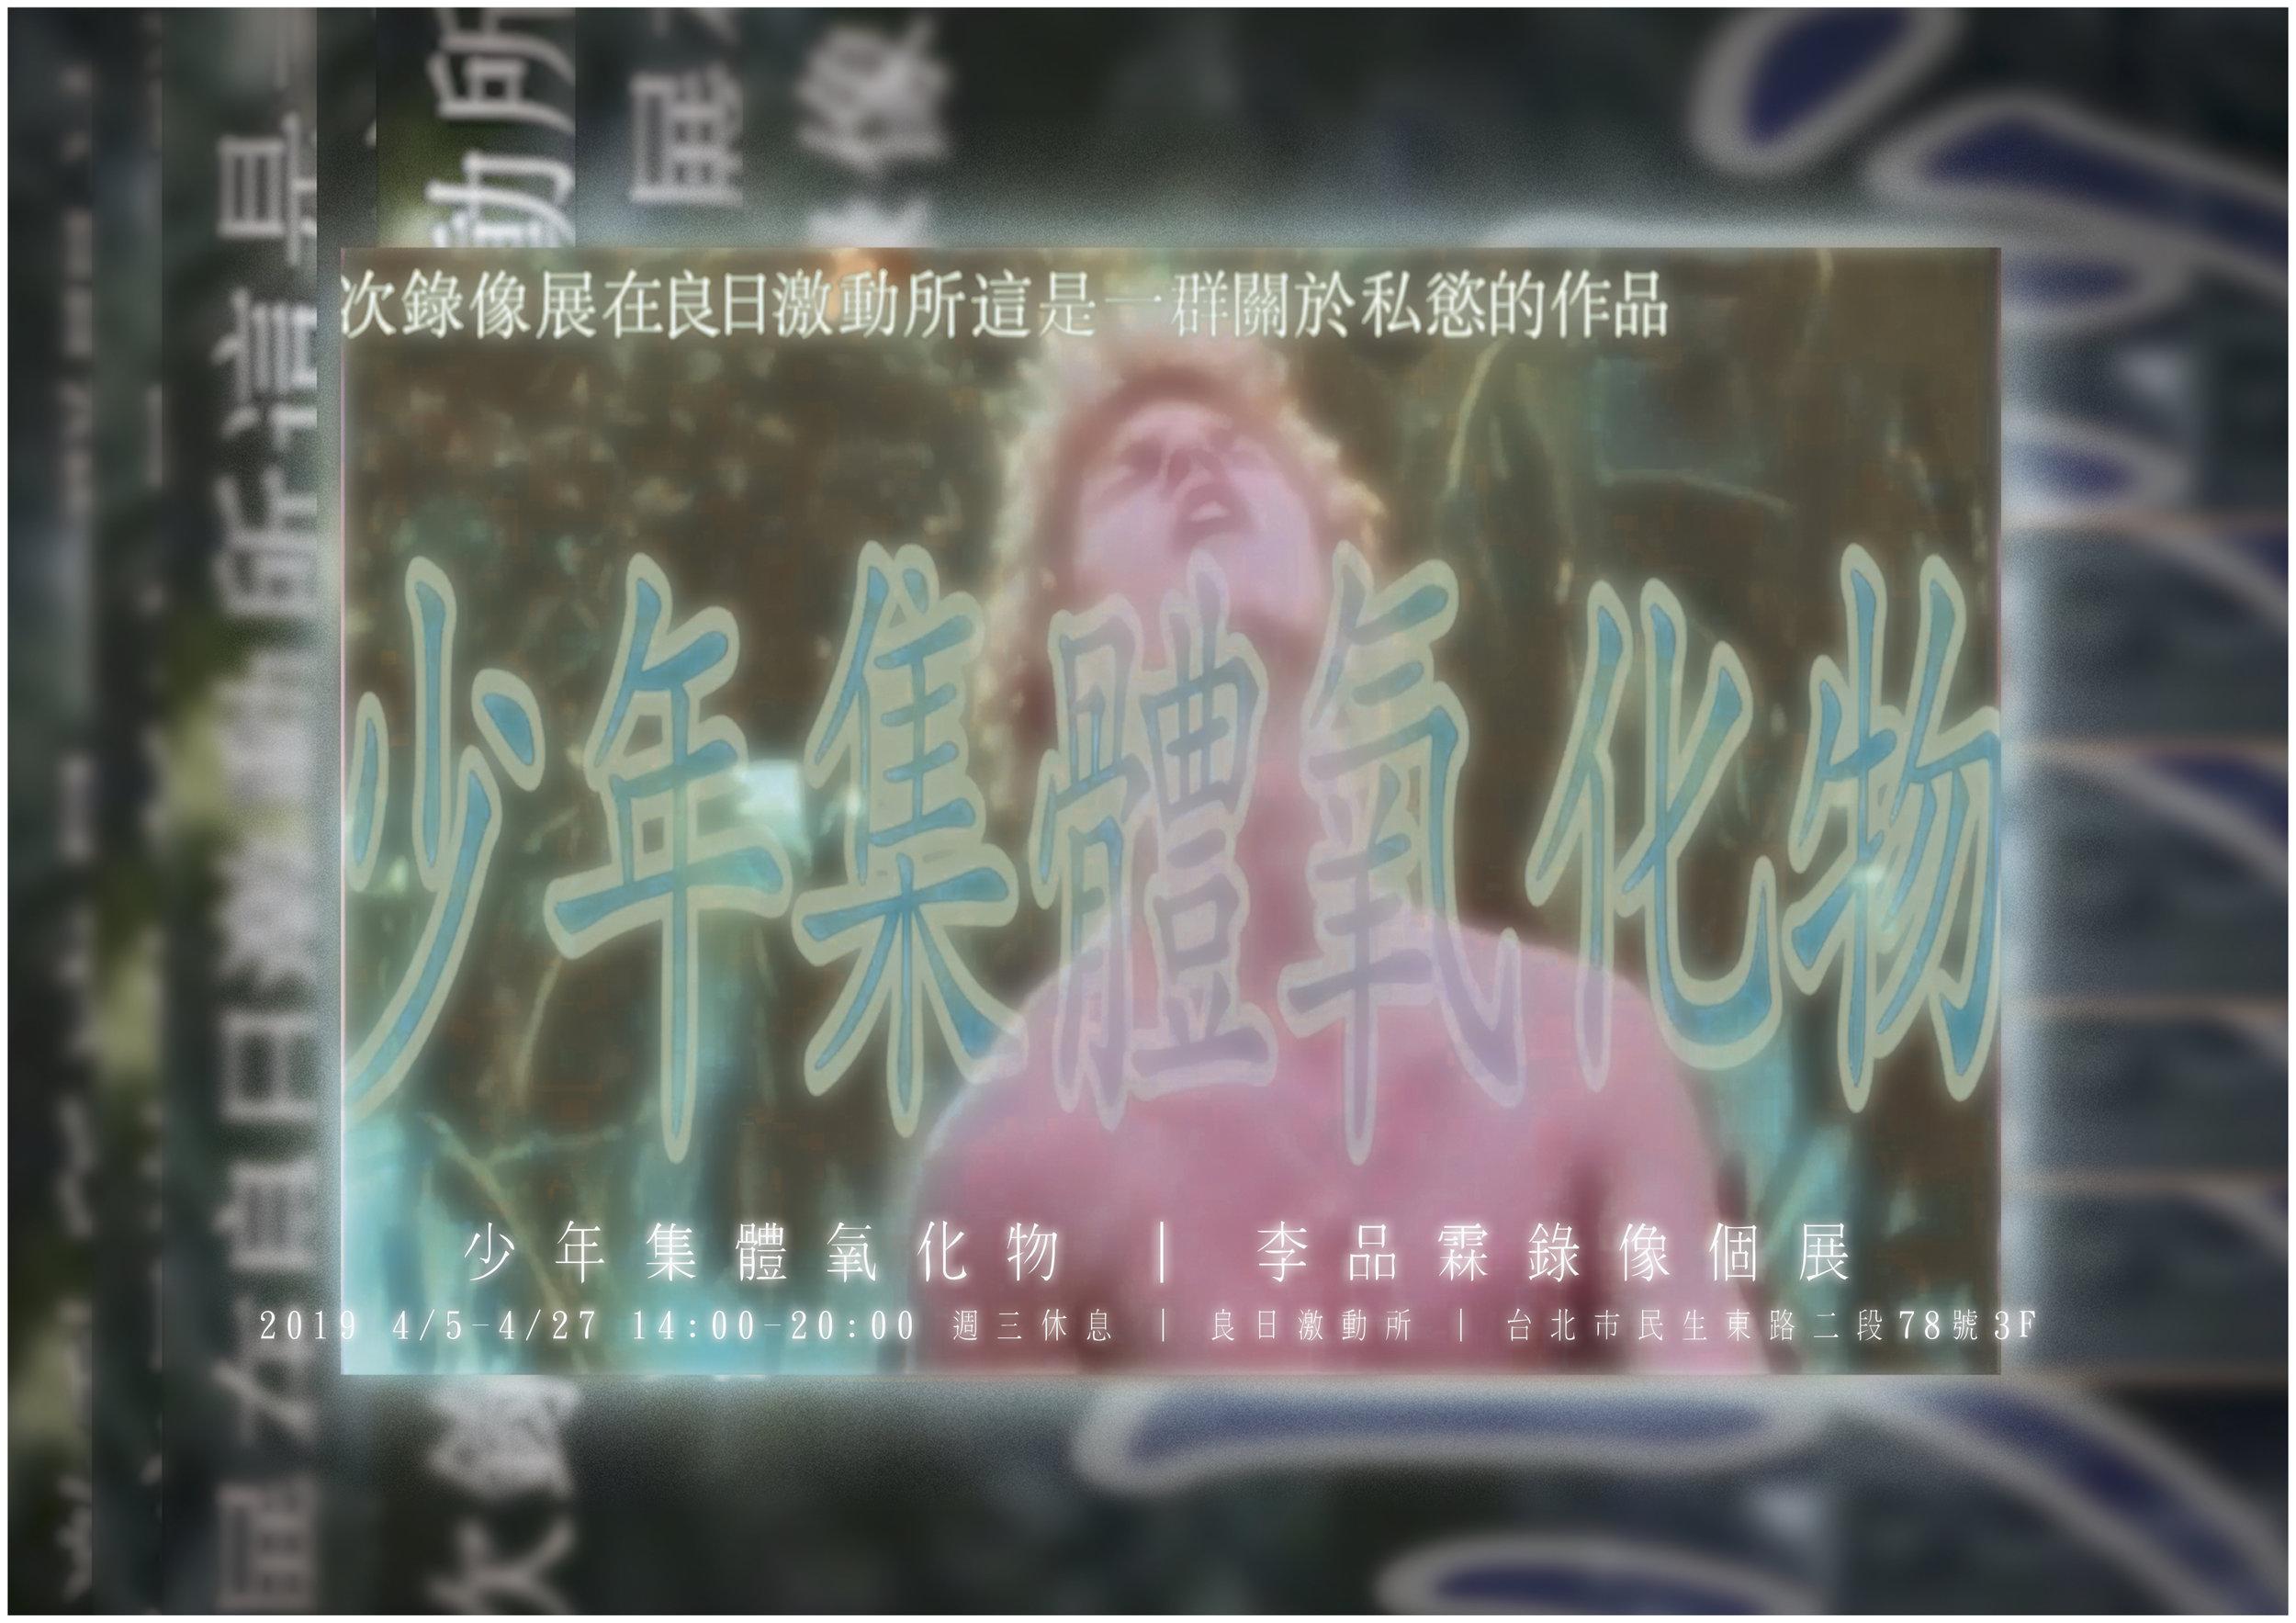 少年集體氧化物 / 李品霖錄像個展 -